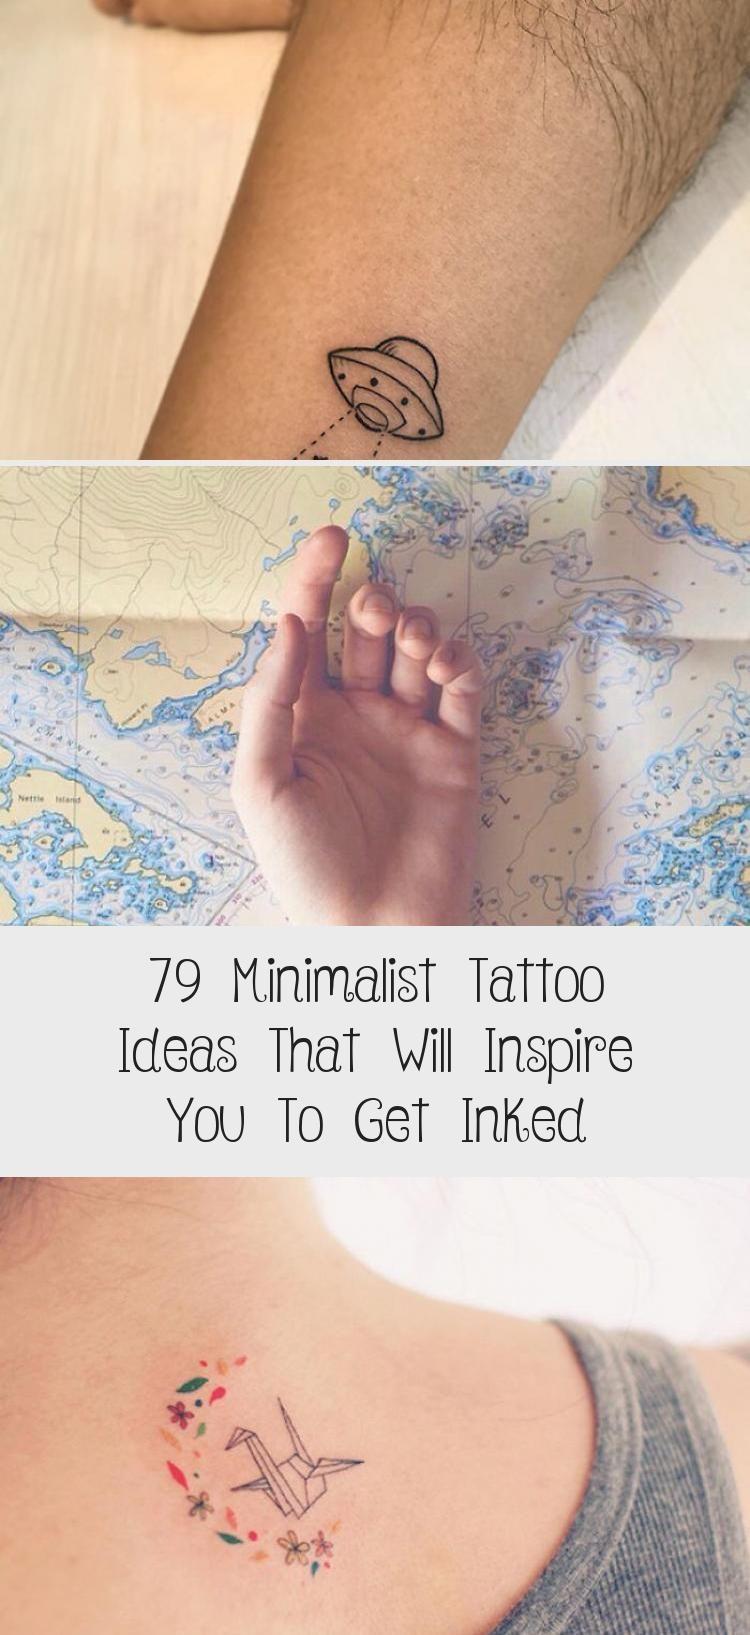 79 Minimalist Tattoo Ideas That Will Inspire You To Get Inked  Bored Panda  79 Minimalist Tattoo Ideas That Will Inspire You To Get Inked  Bored Panda